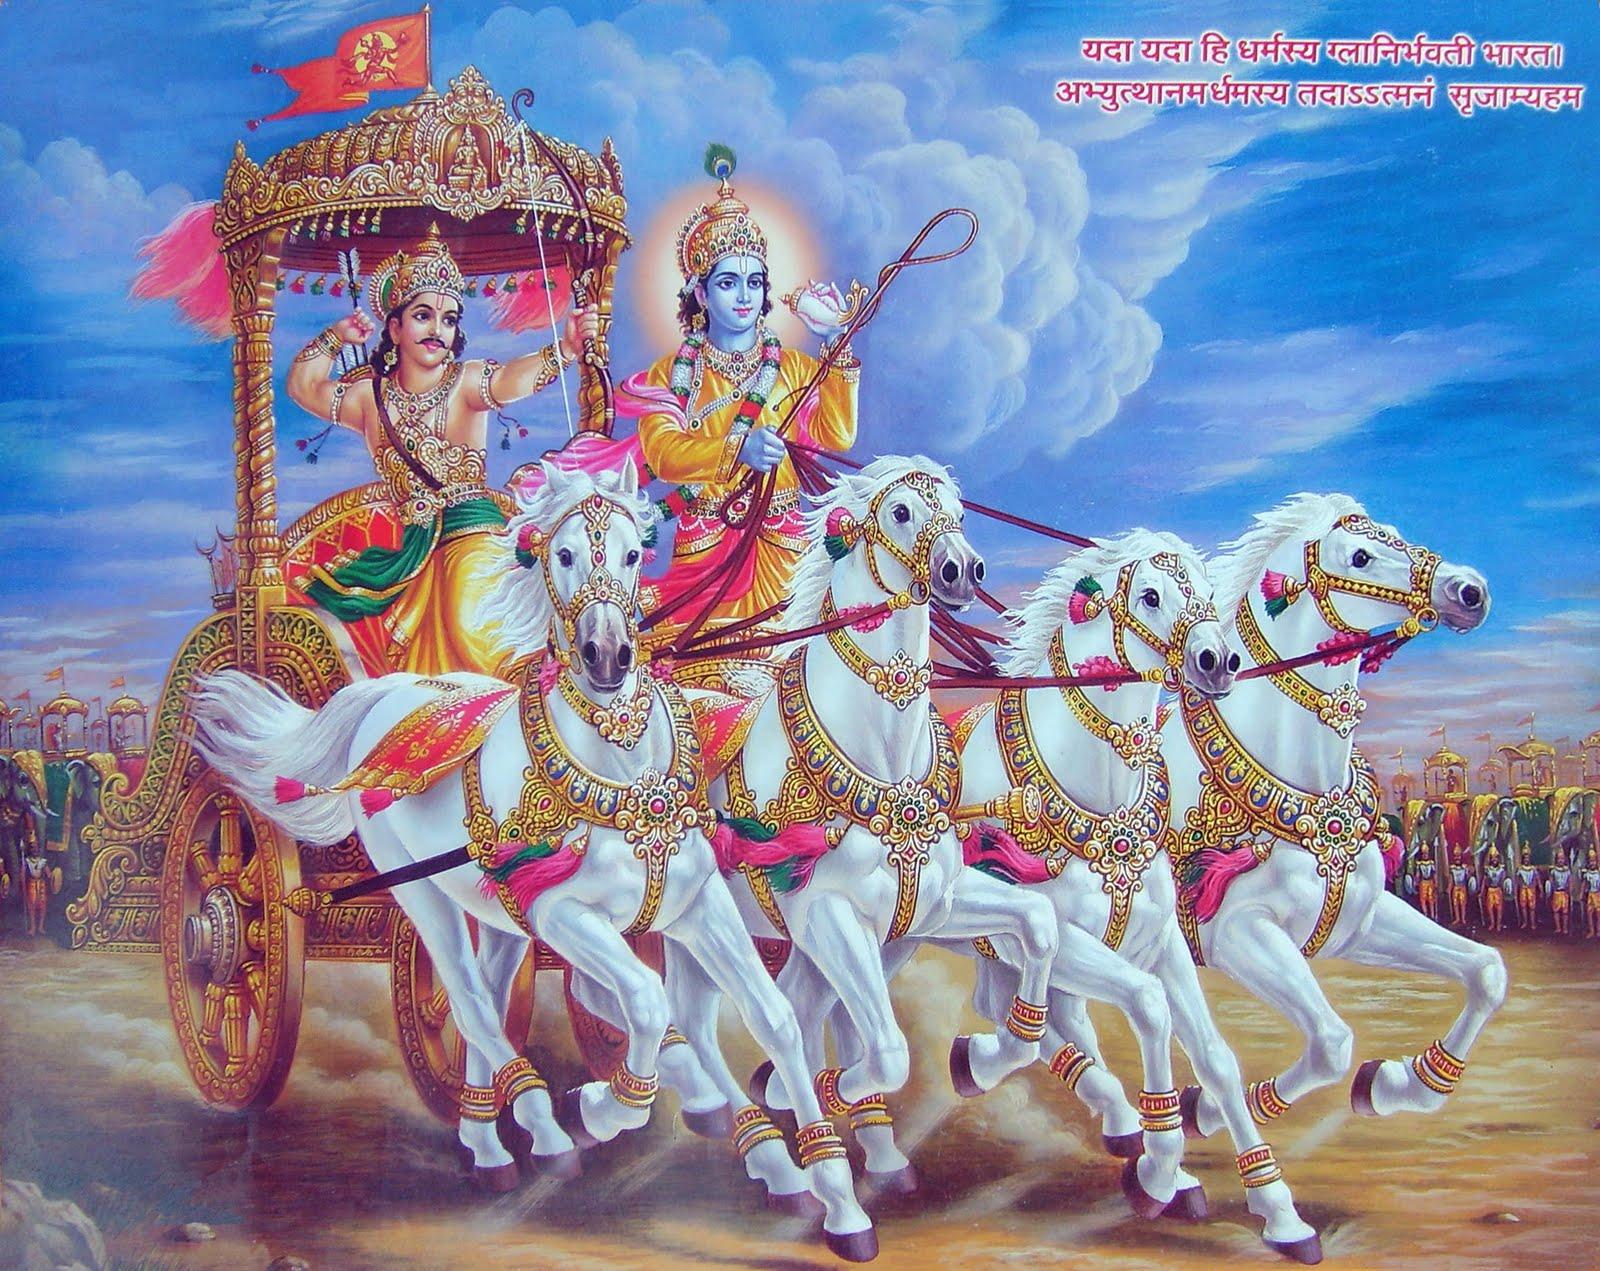 http://2.bp.blogspot.com/_71TqLIA2p-o/TL3jFA2KNgI/AAAAAAAABh8/34W44CNFEOY/s1600/hindu-god-krishna-arjun-.jpg